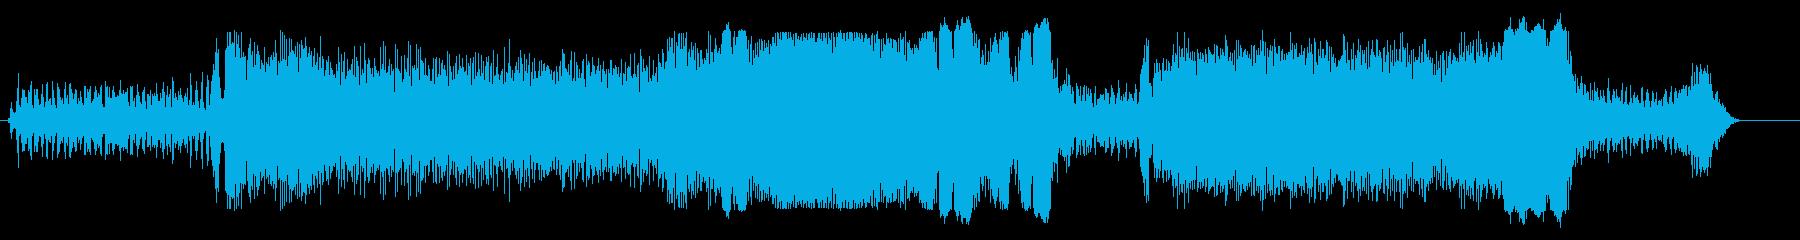 ドラッグスター;アイドル/回転/オ...の再生済みの波形